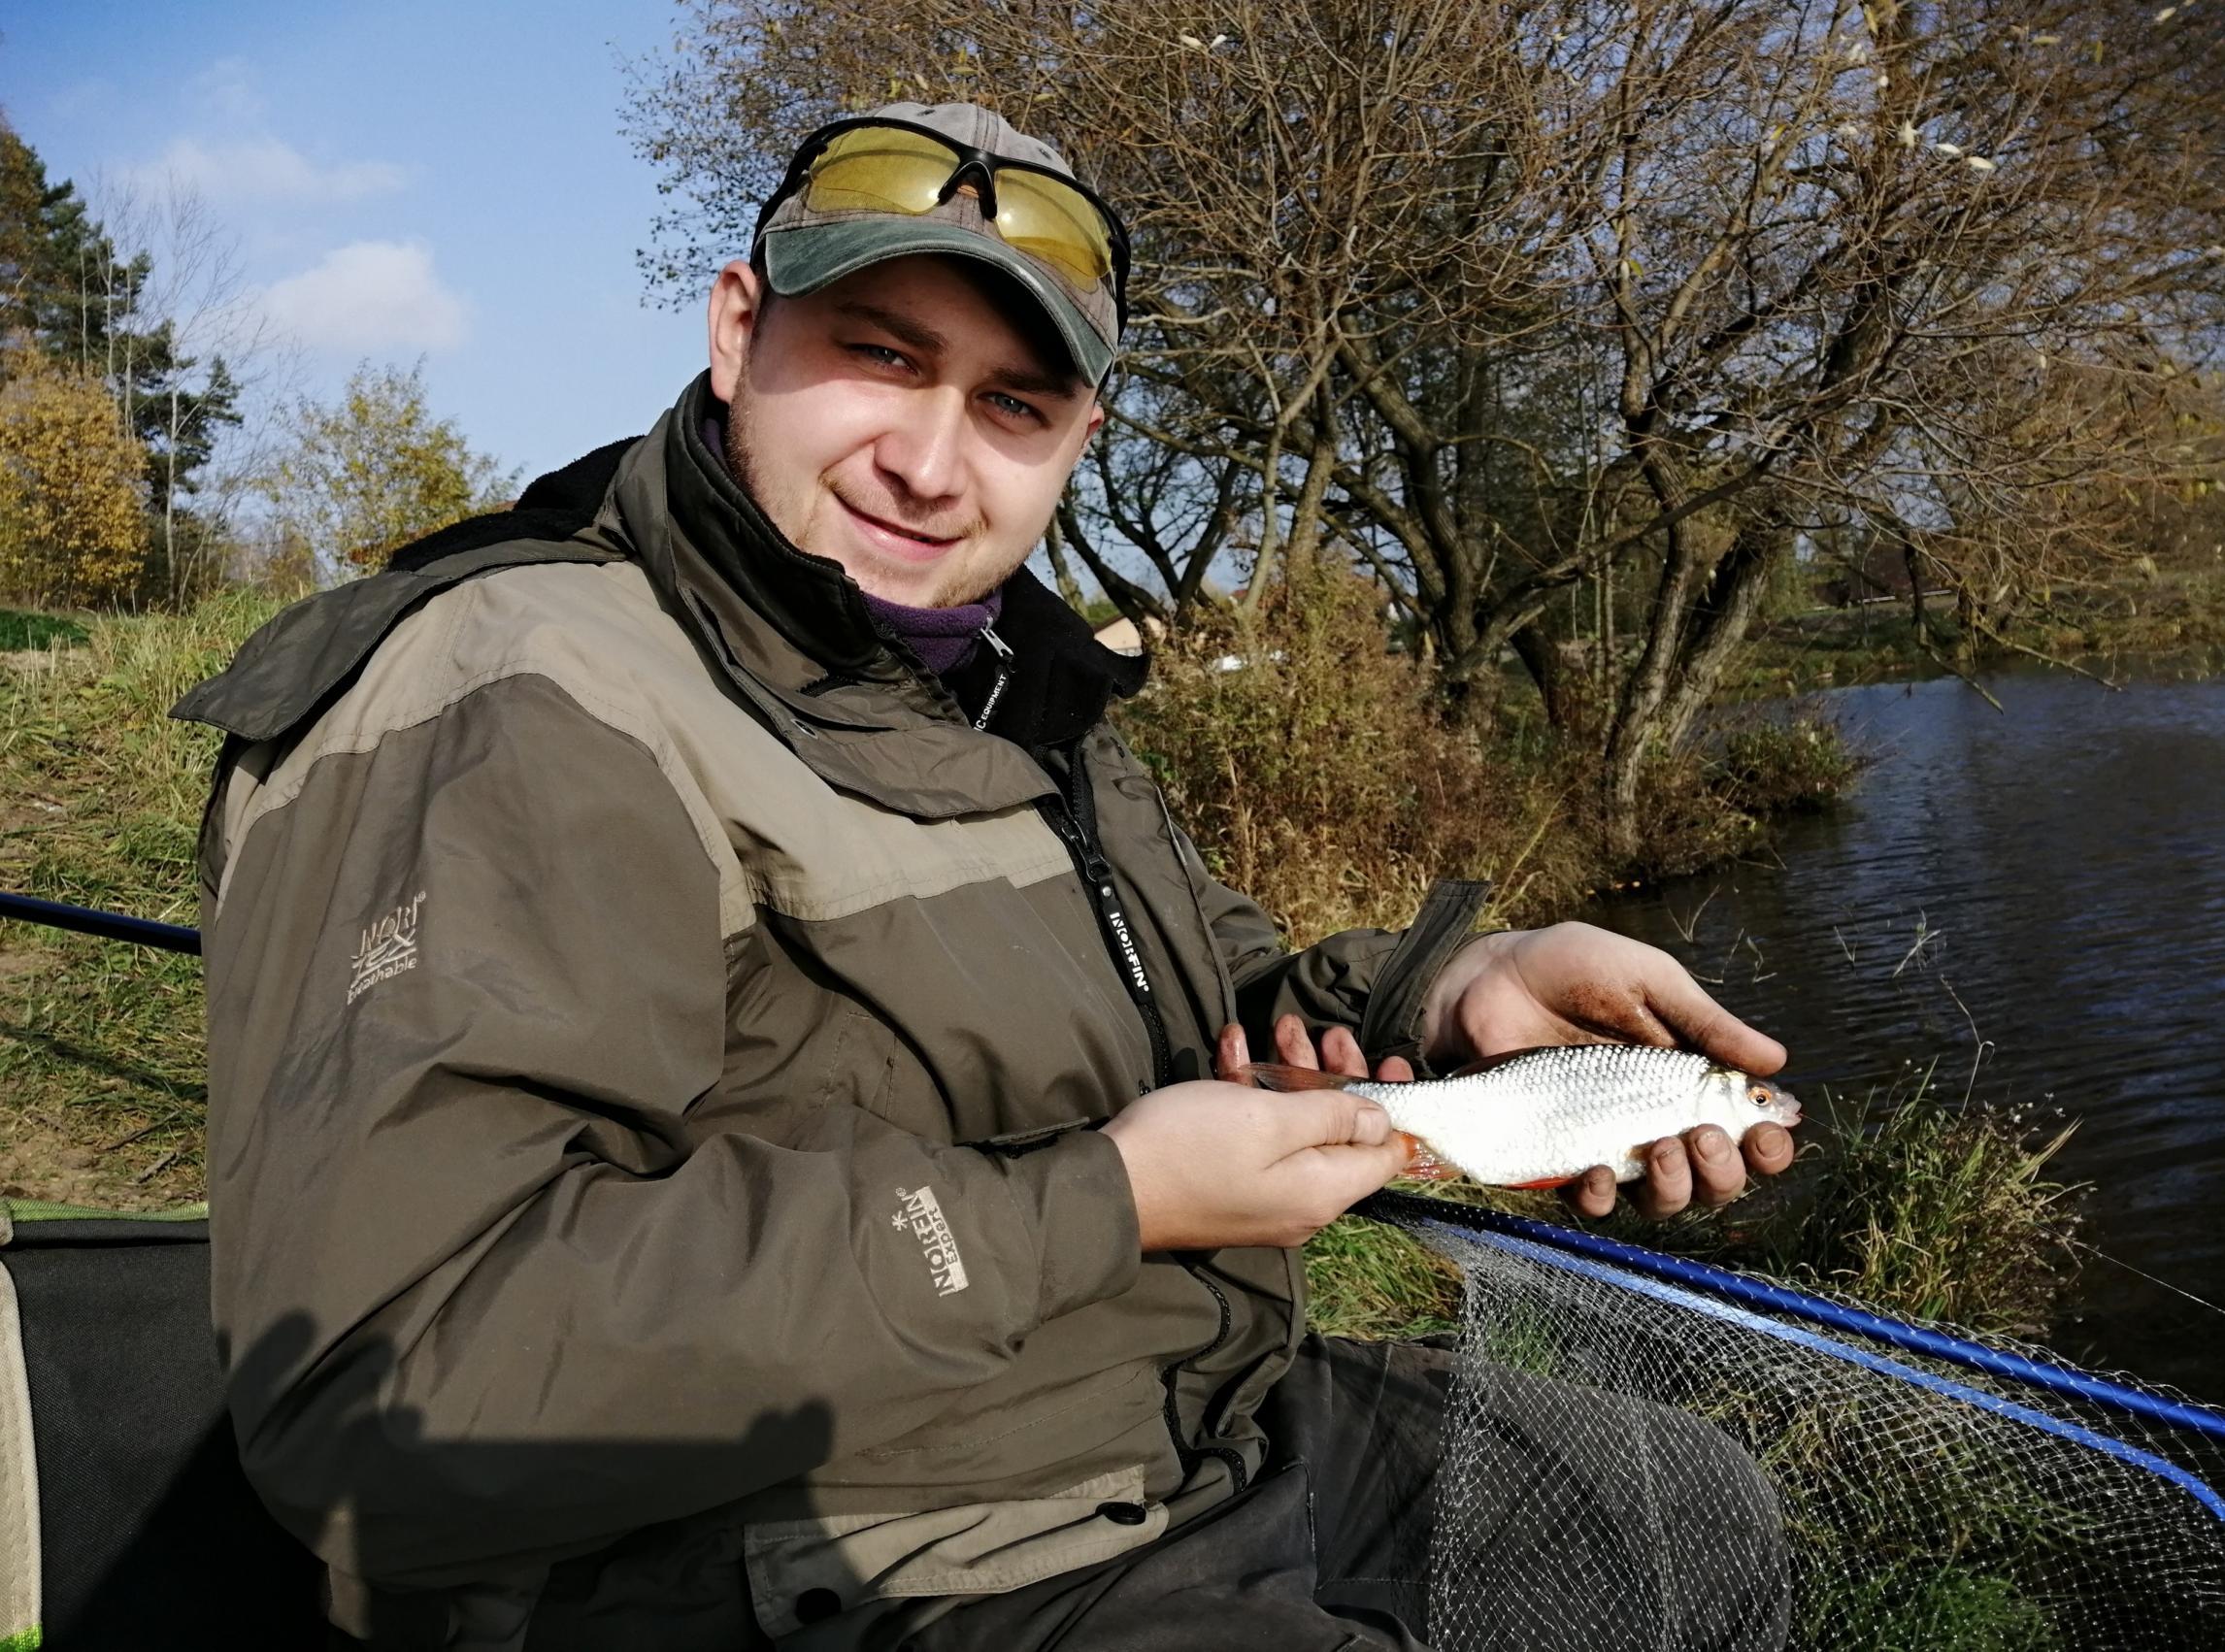 Работа над ошибками.Результат на прошлой рыбалке был удручающий ... | Отчеты о рыбалке в Беларуси